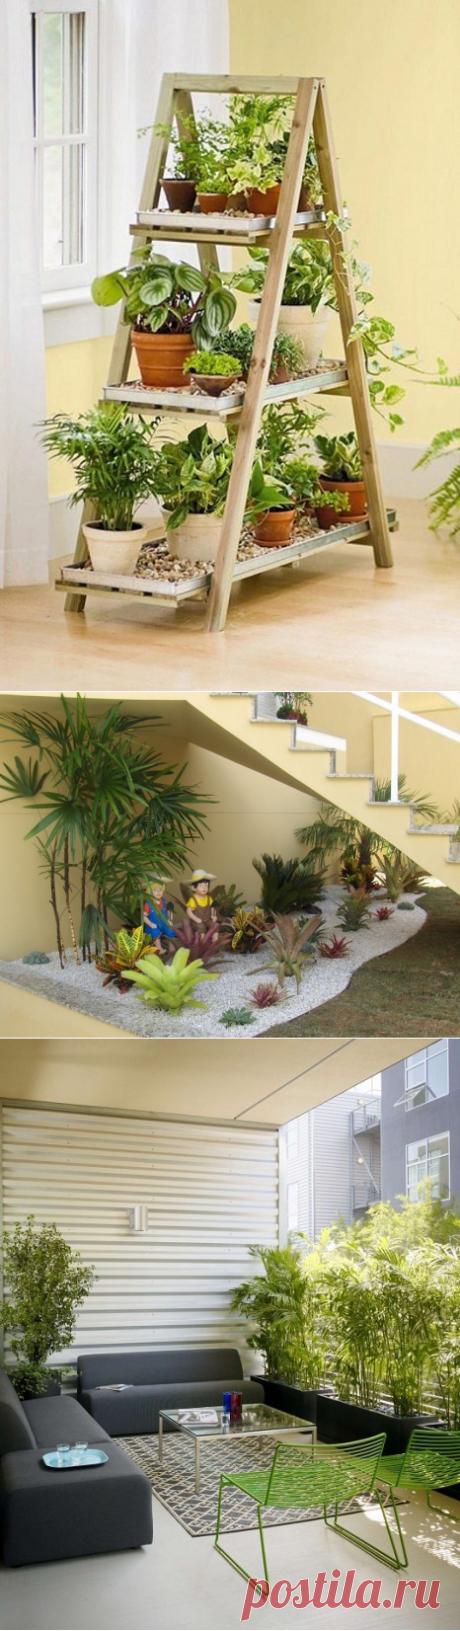 Интересные идеи домашних мини-садов